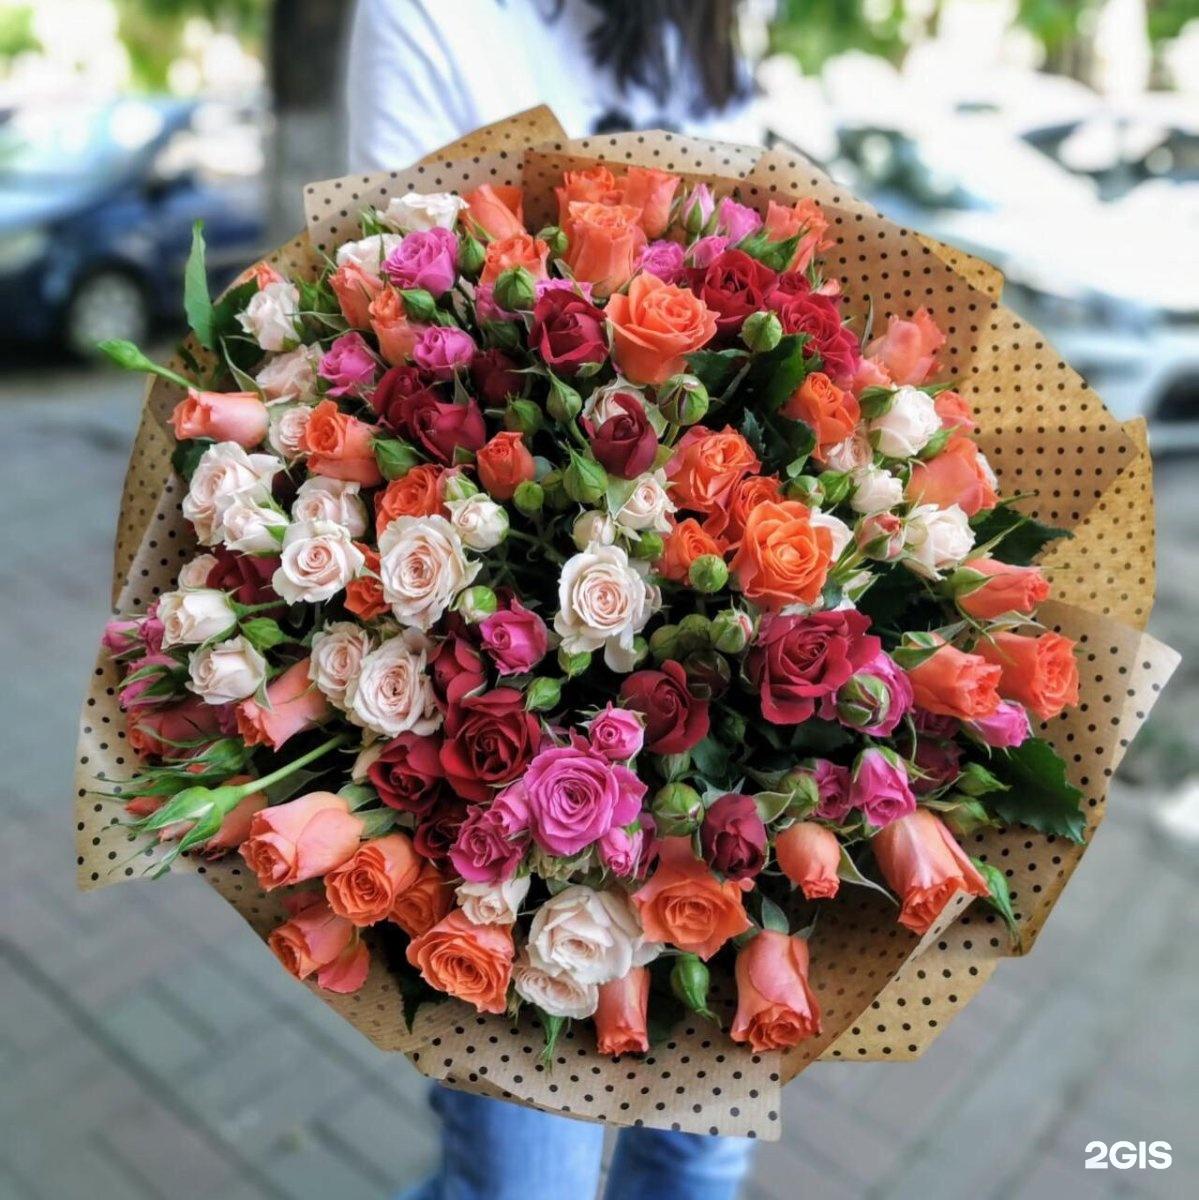 Заказ цветов курьером в белгороде, букеты